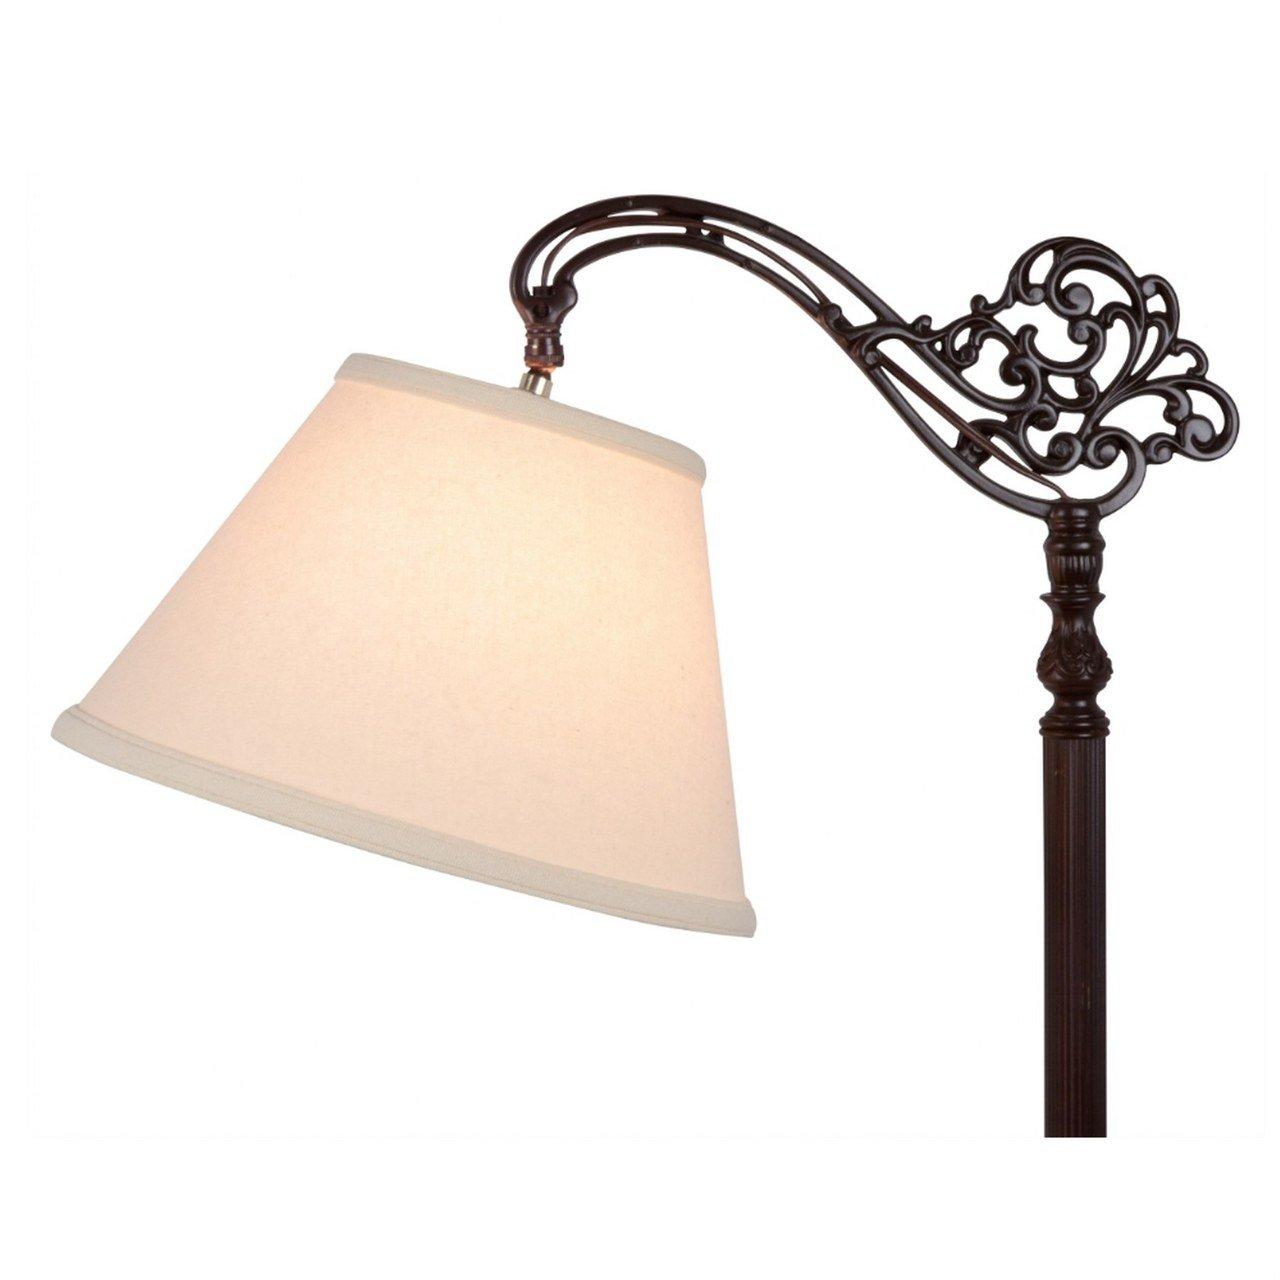 Upgradelights Uno Beige Linen Lamp Shade Floor Lamp Replacement Shade Down  Bridge Shade     Amazon.com